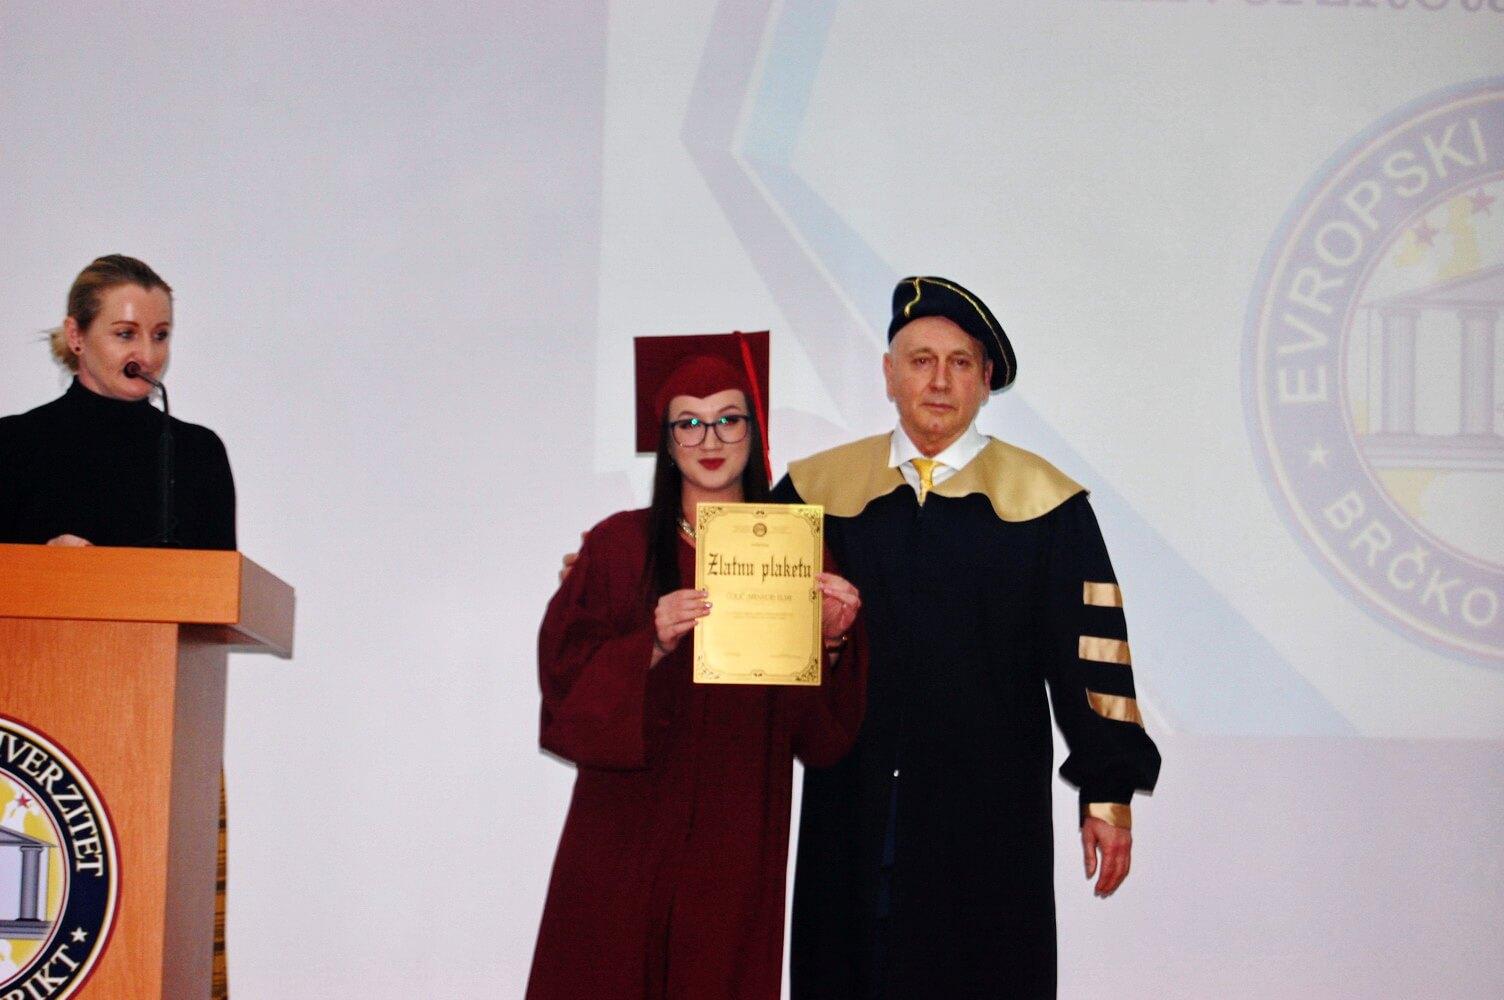 Dan Univerziteta 2020 66